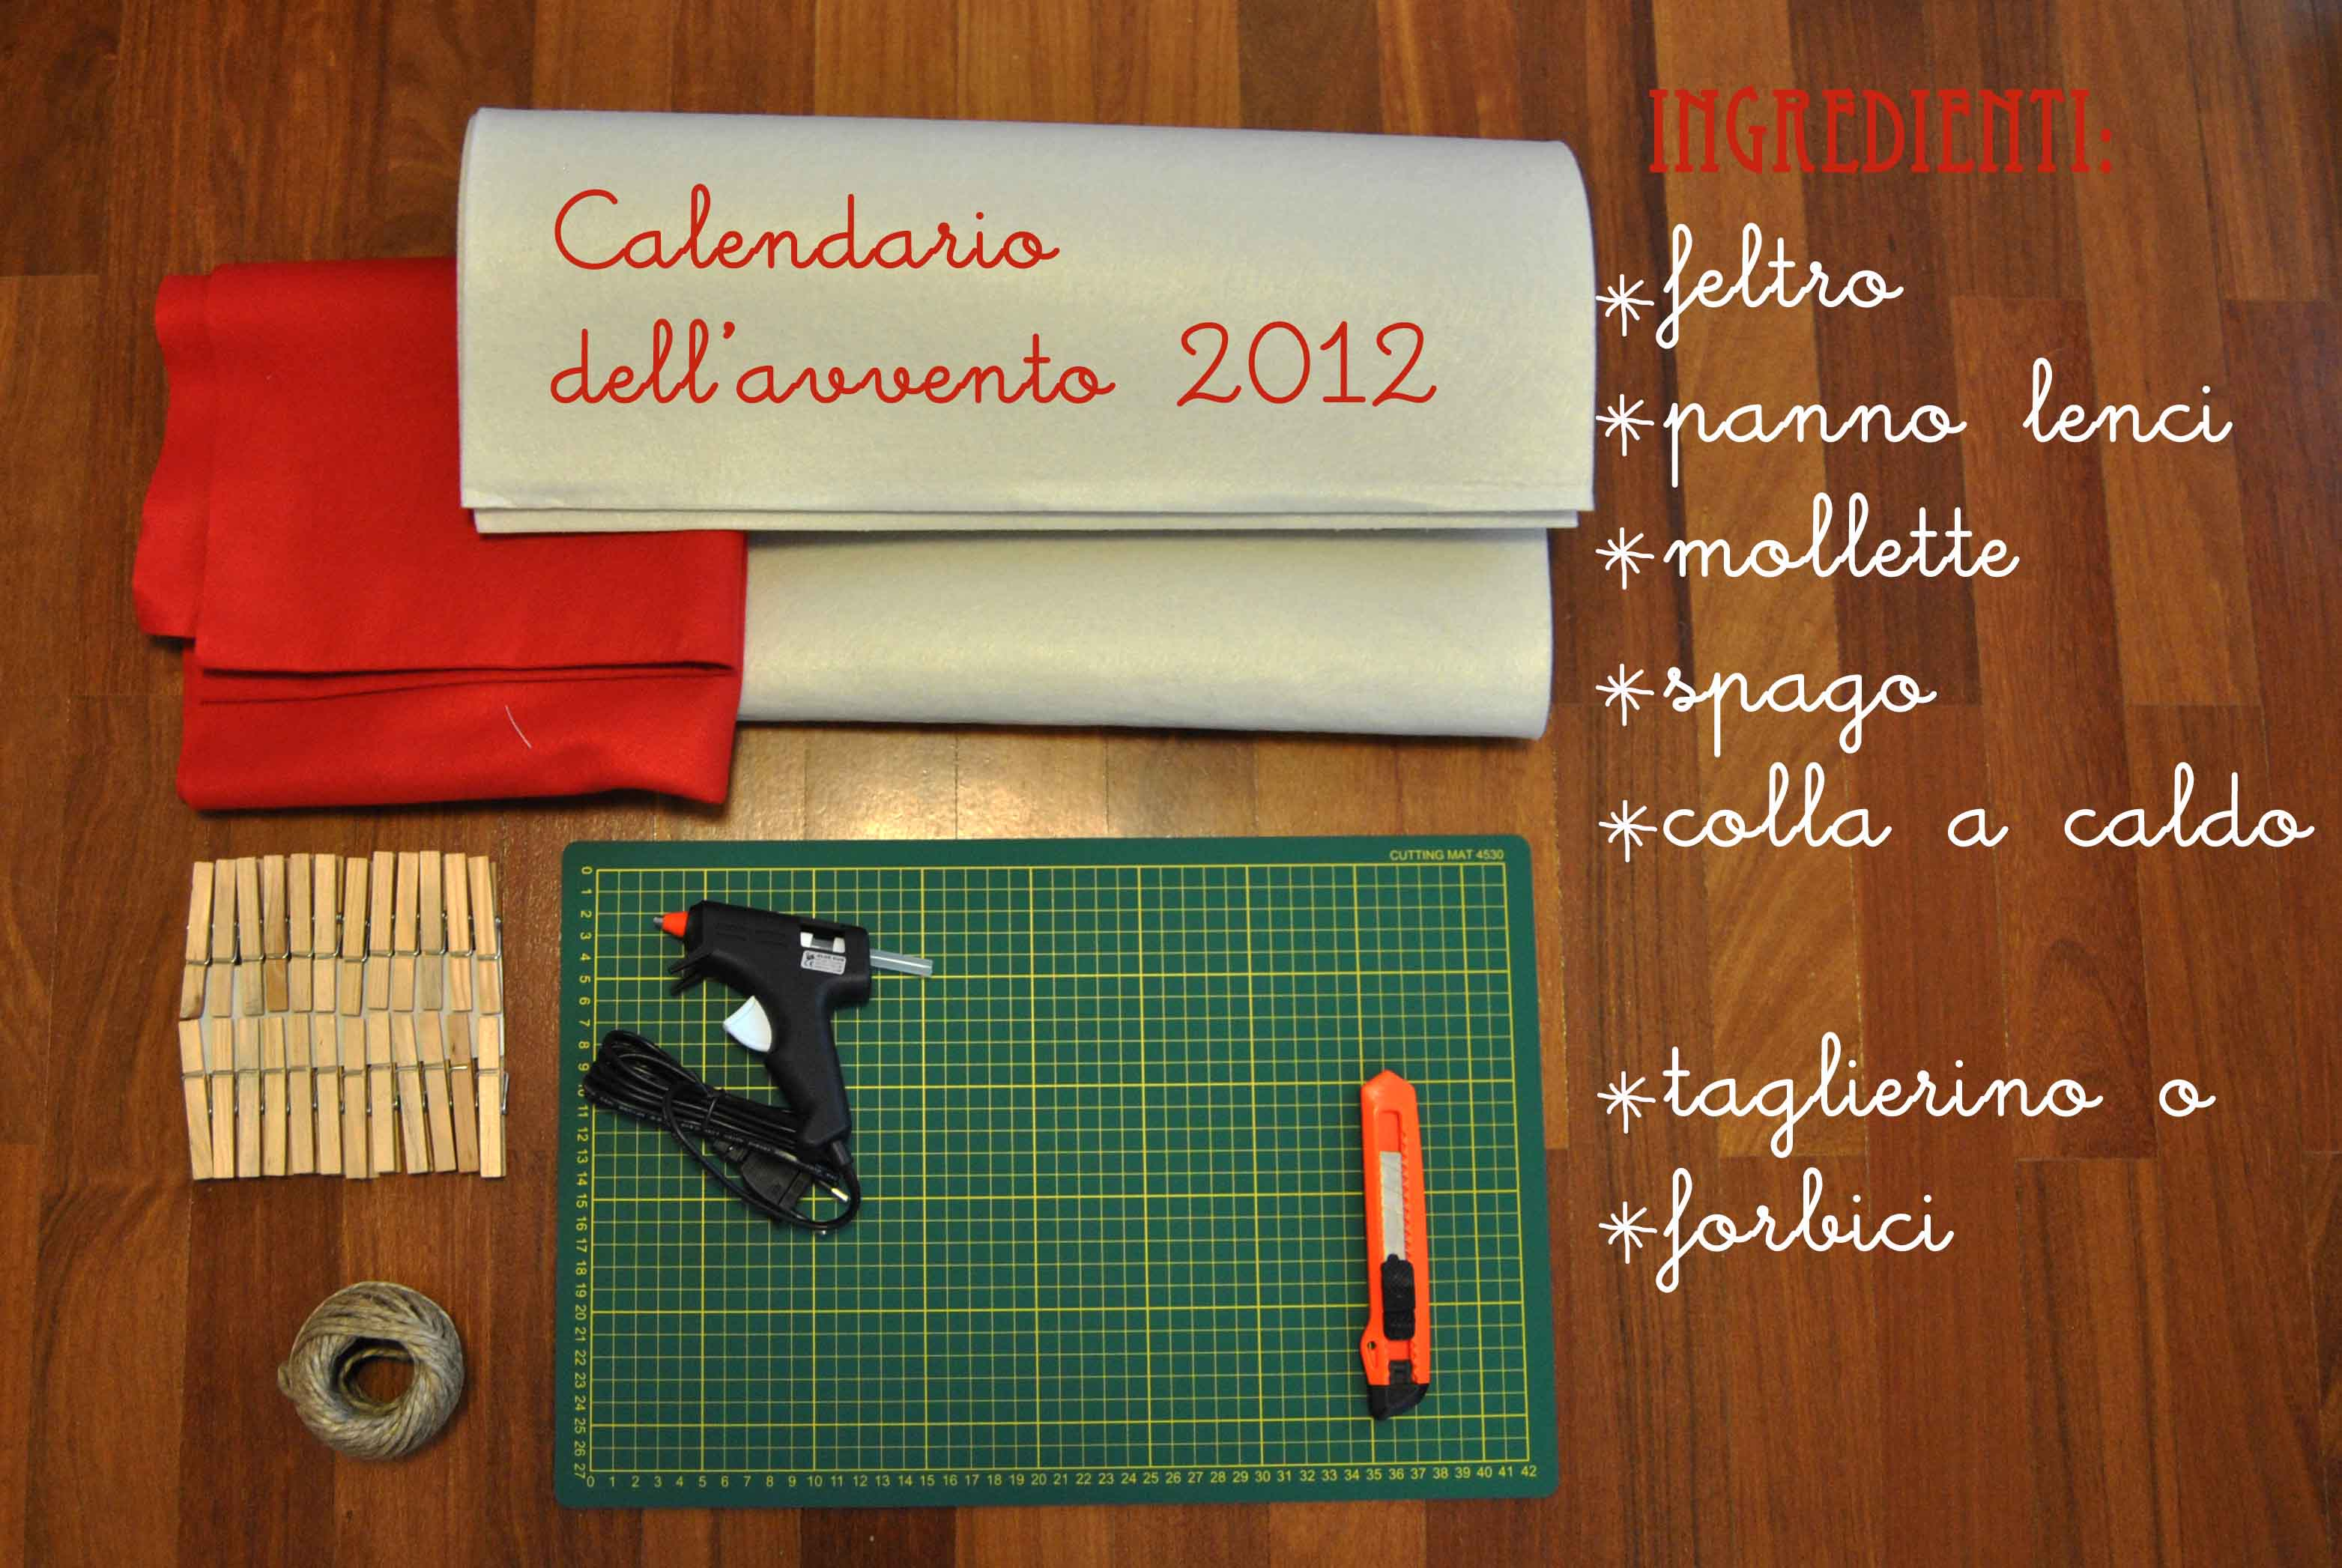 Calendario Solo Numeri.Il Calendario Dell Avvento Silvia Md Azzolina Silvia Md